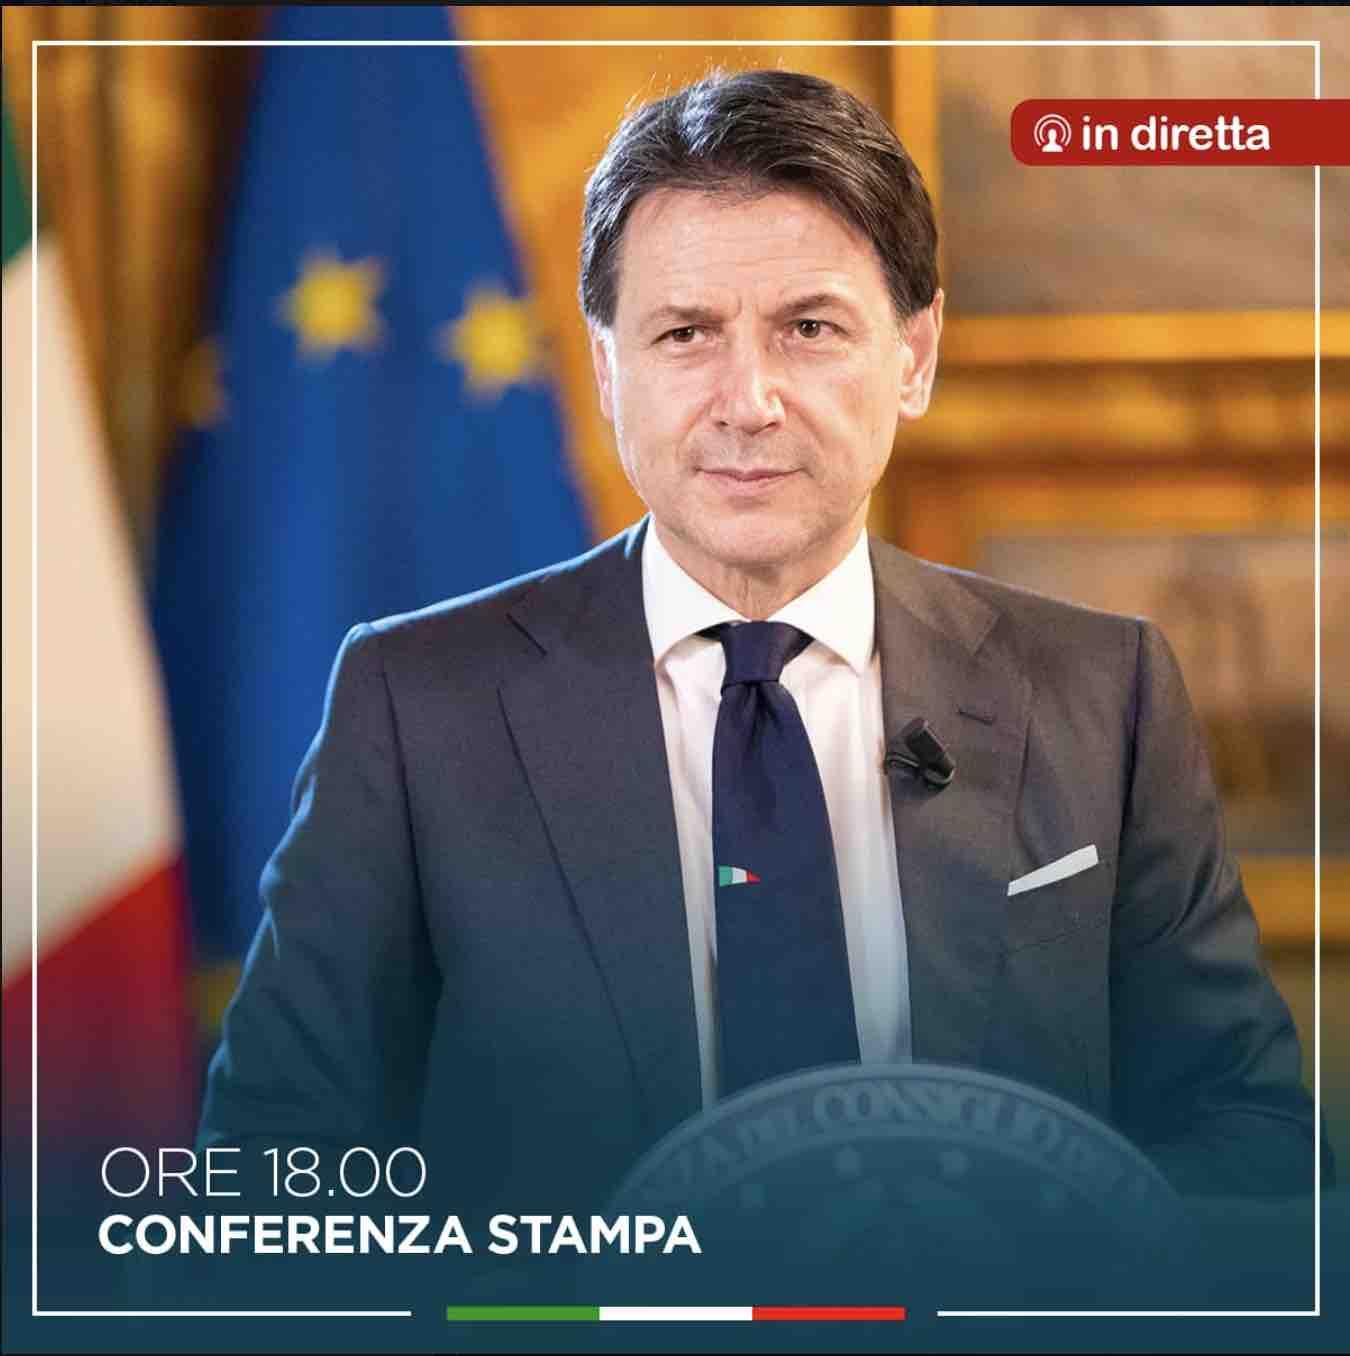 Conferenza stampa Conte oggi 3 giugno: anticipazioni discorso ripartenza Italia 2030